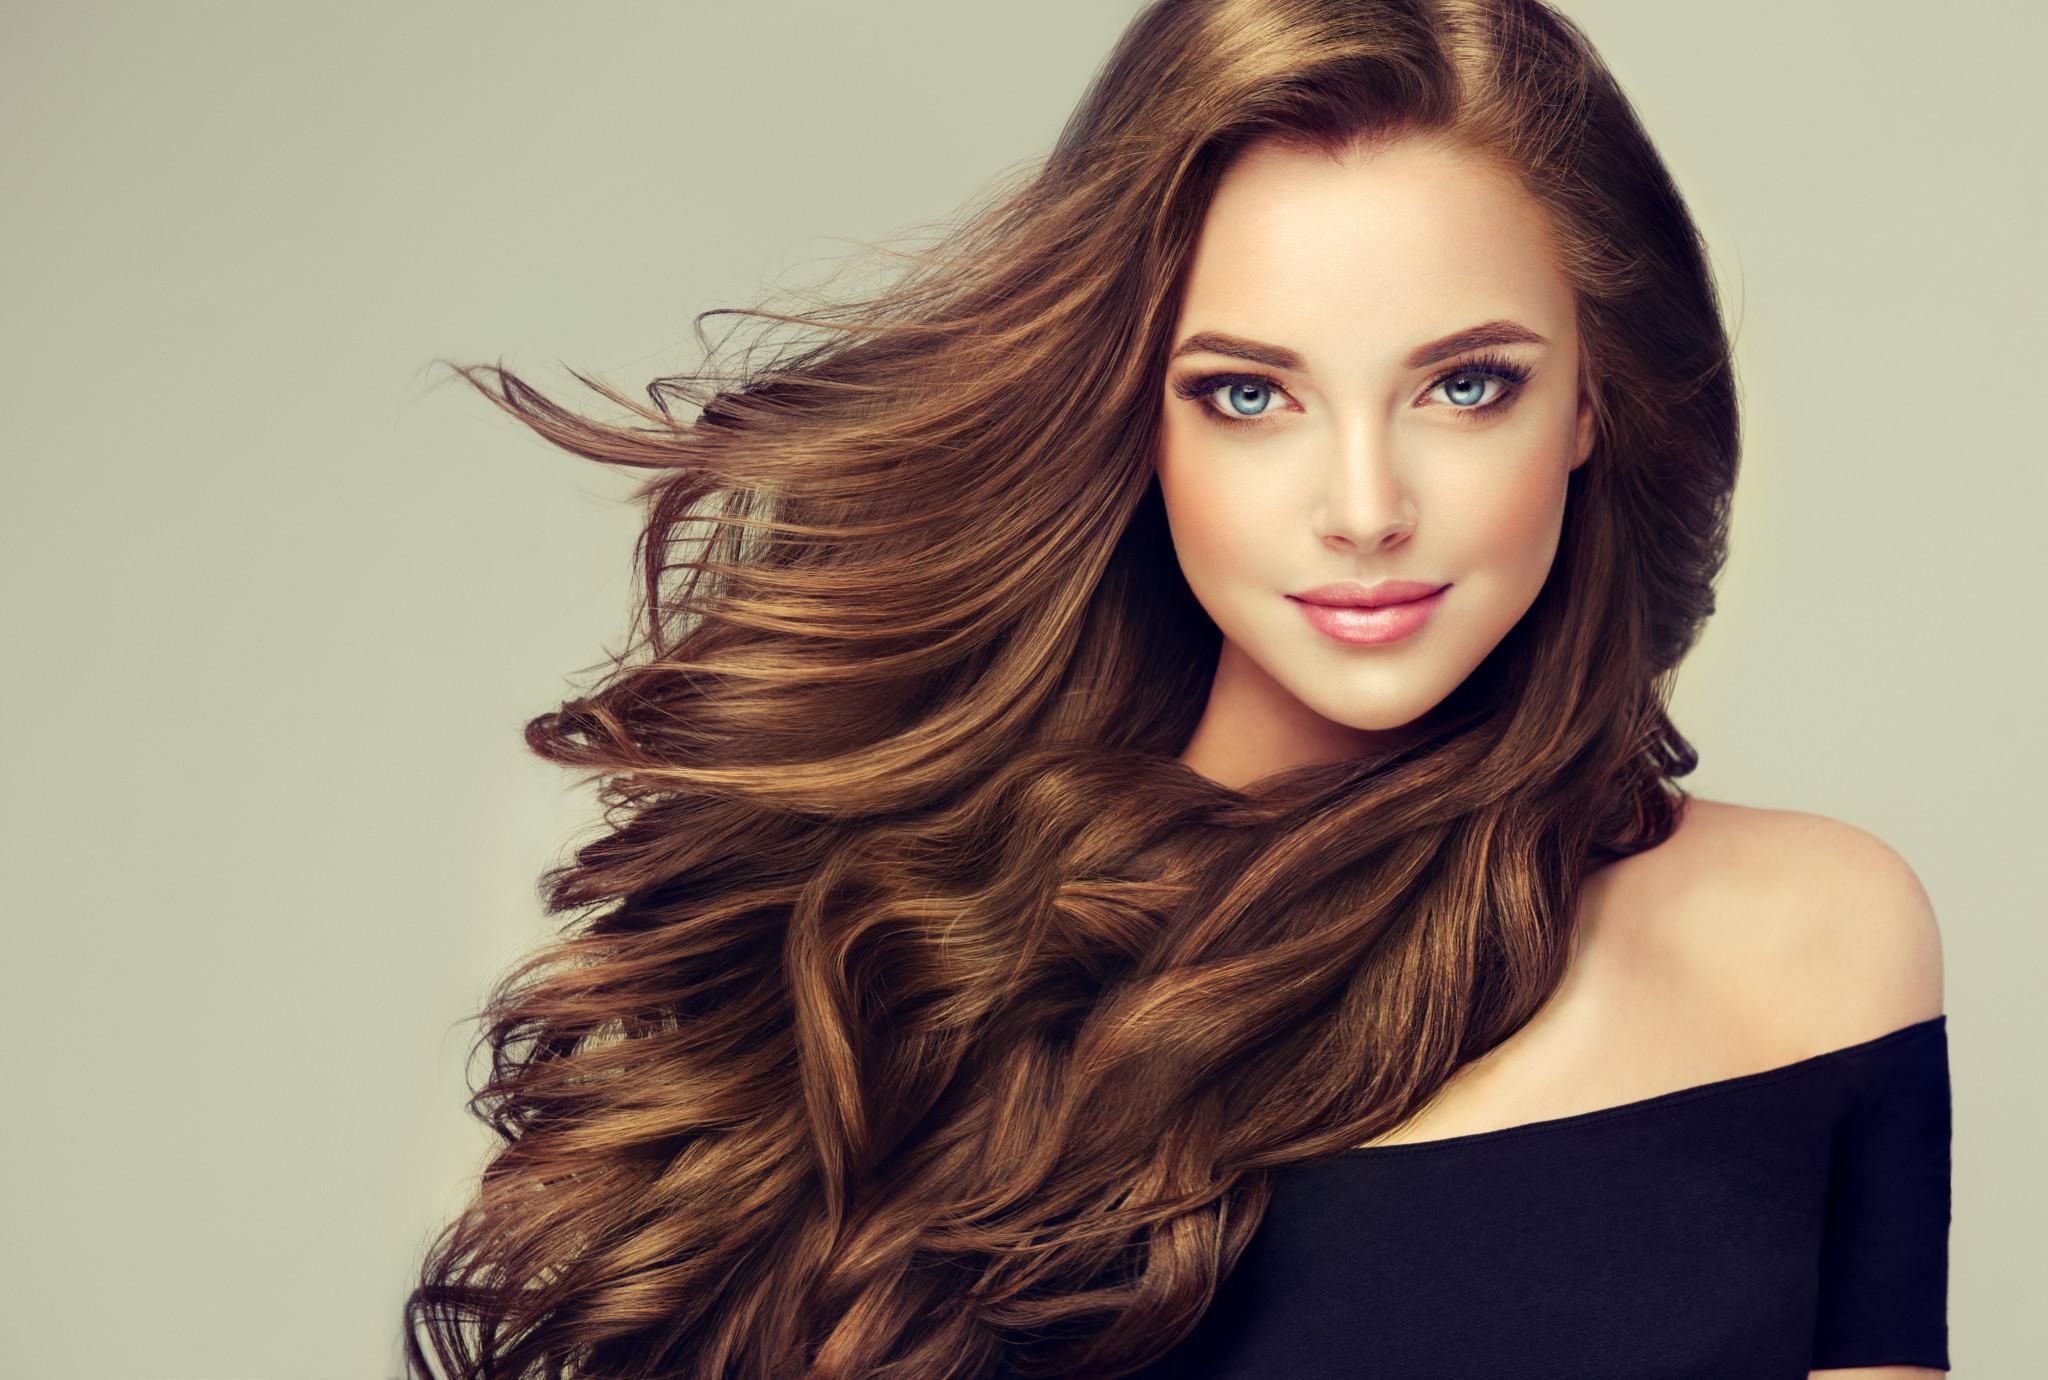 Красивые девушки с шикарными волосами фото — img 12